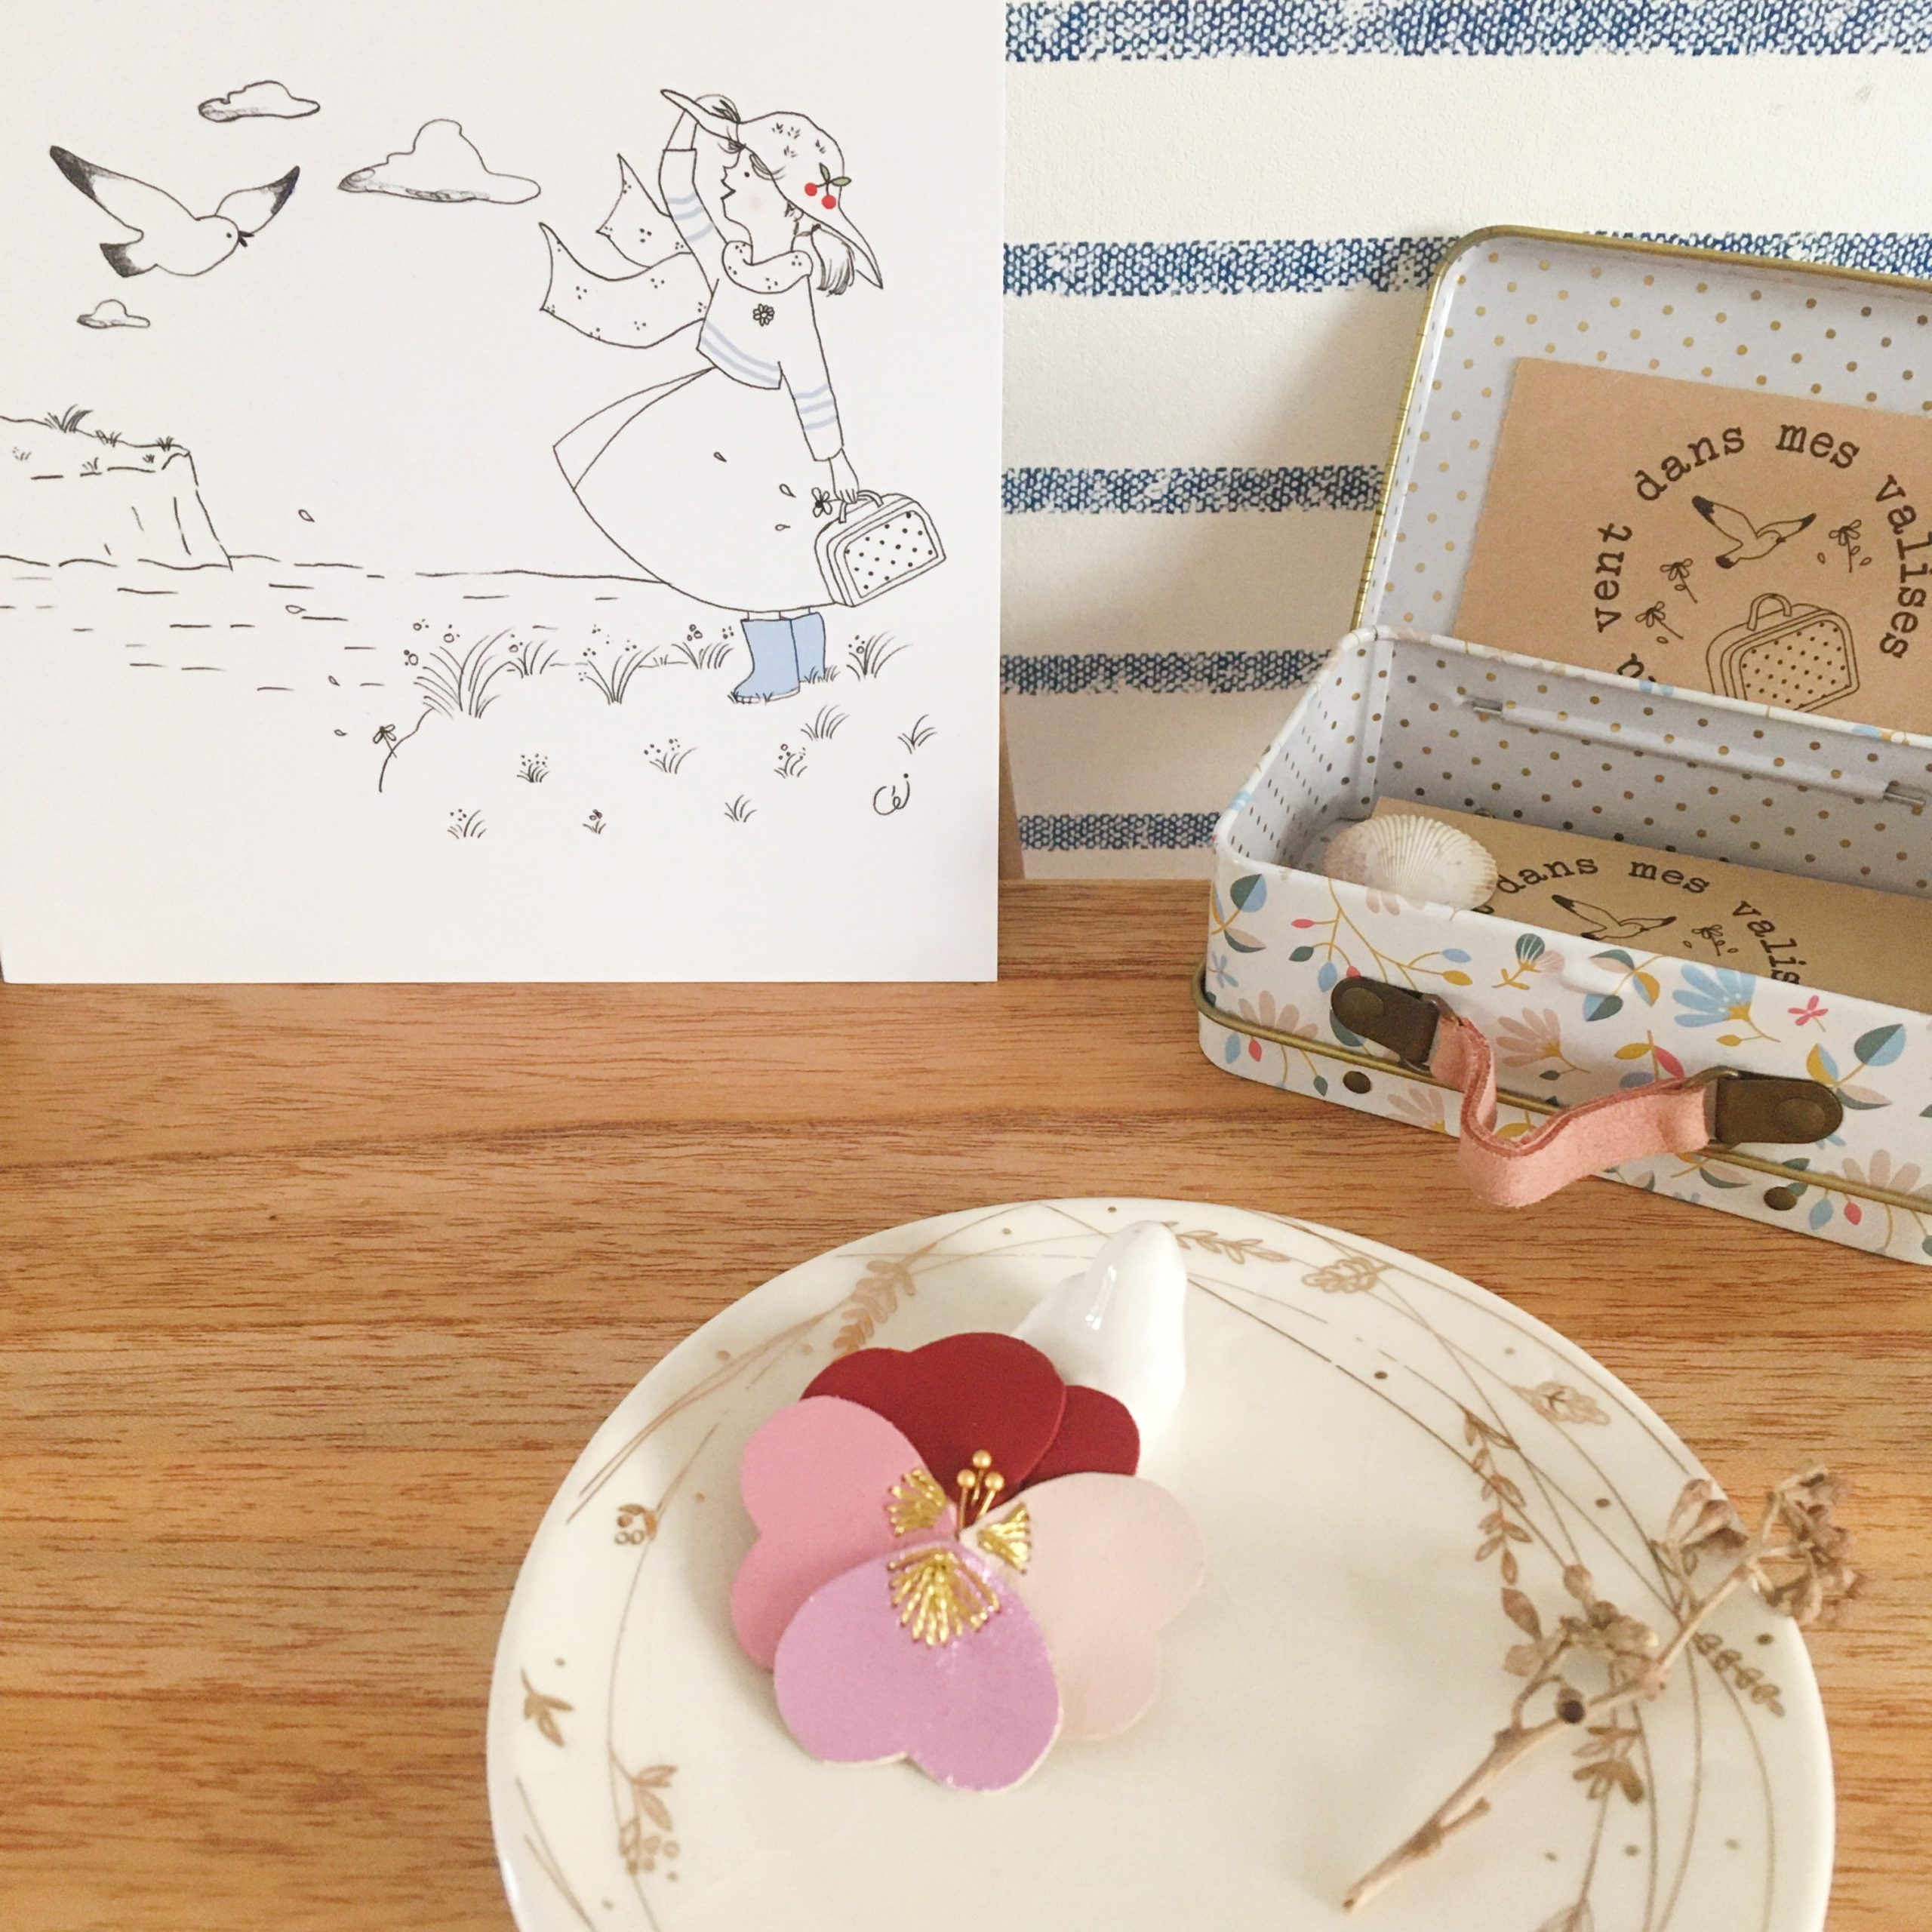 bijou poétique fleur pensée brodée main fil doré made in France - du vent dans mes valises